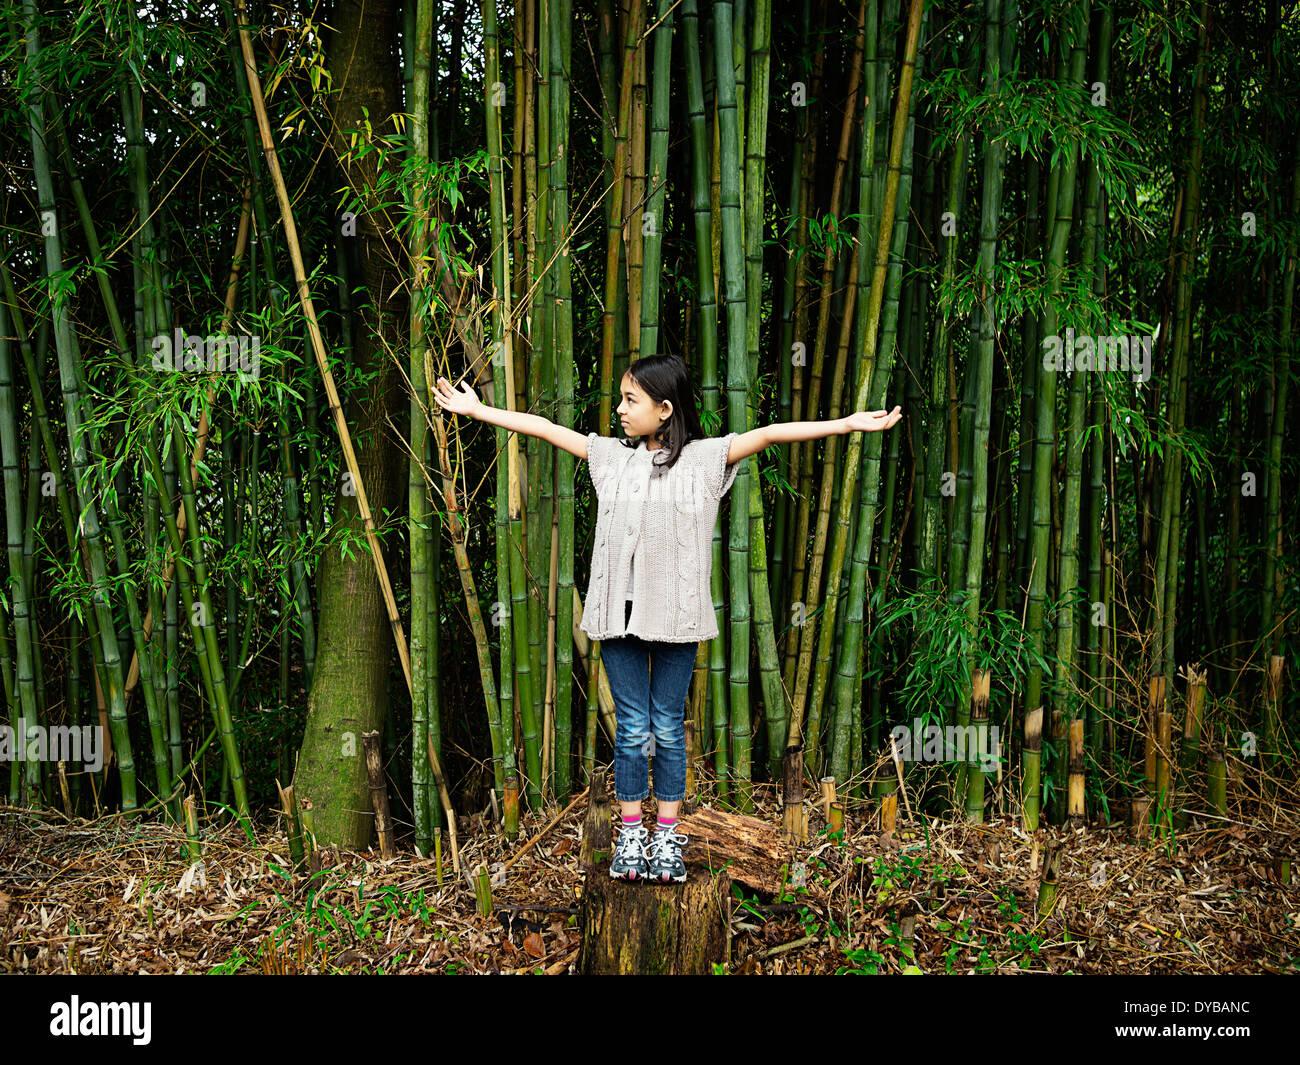 Jeune fille se tient sur la souche d'arbre en stand de bambou Banque D'Images